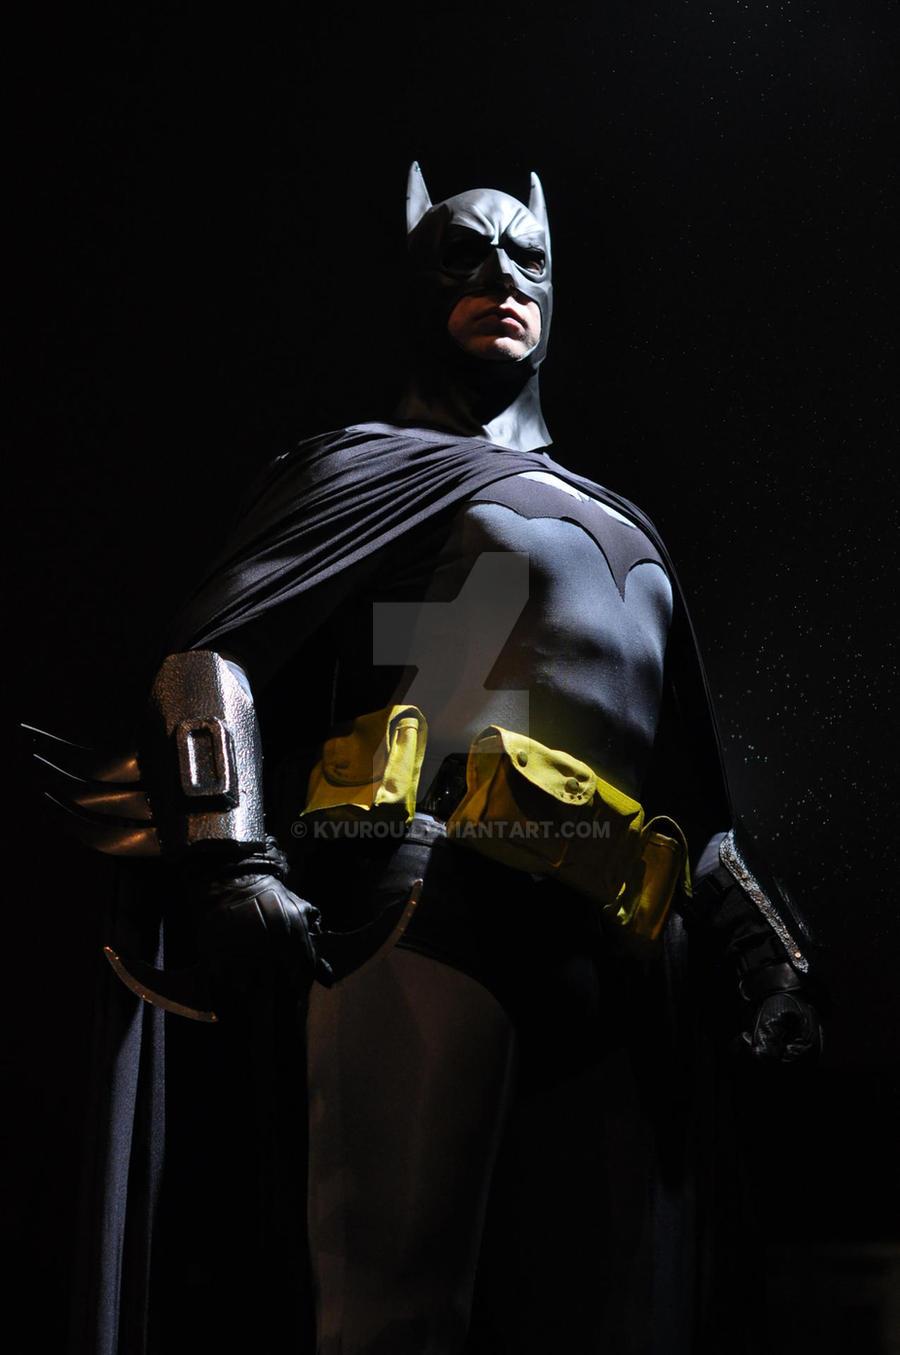 I am Batman by kyurou